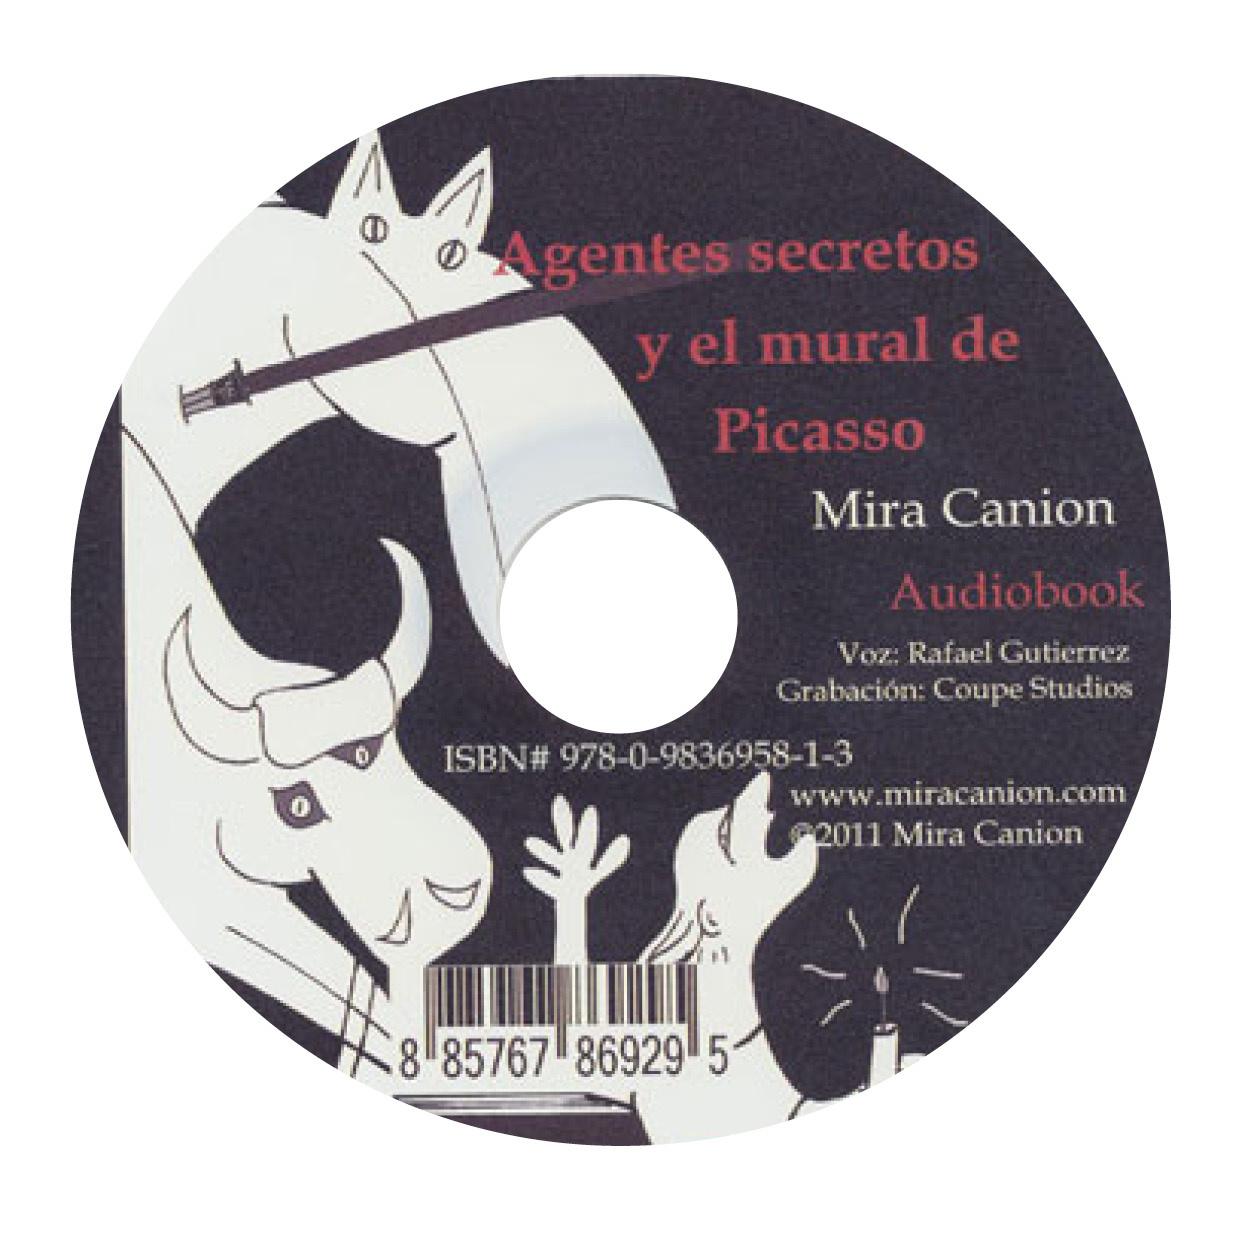 Agentes secretos y el mural de Picasso - Luisterboek